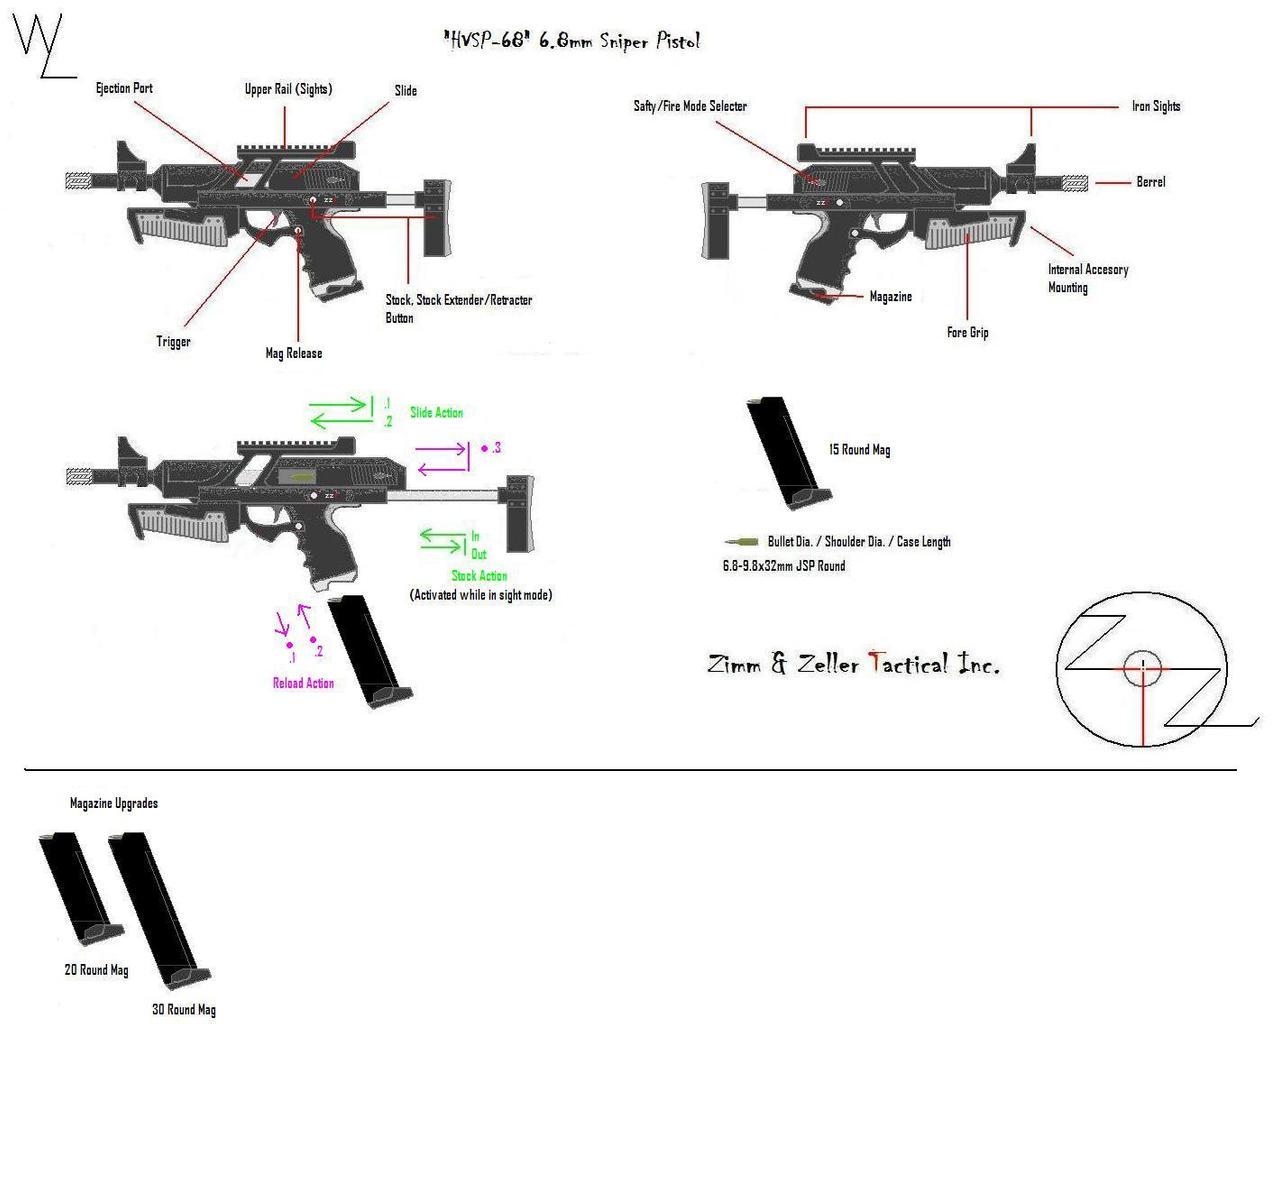 'HVSP-68' 6.8mmSniper Pistol by KillSwitchWes